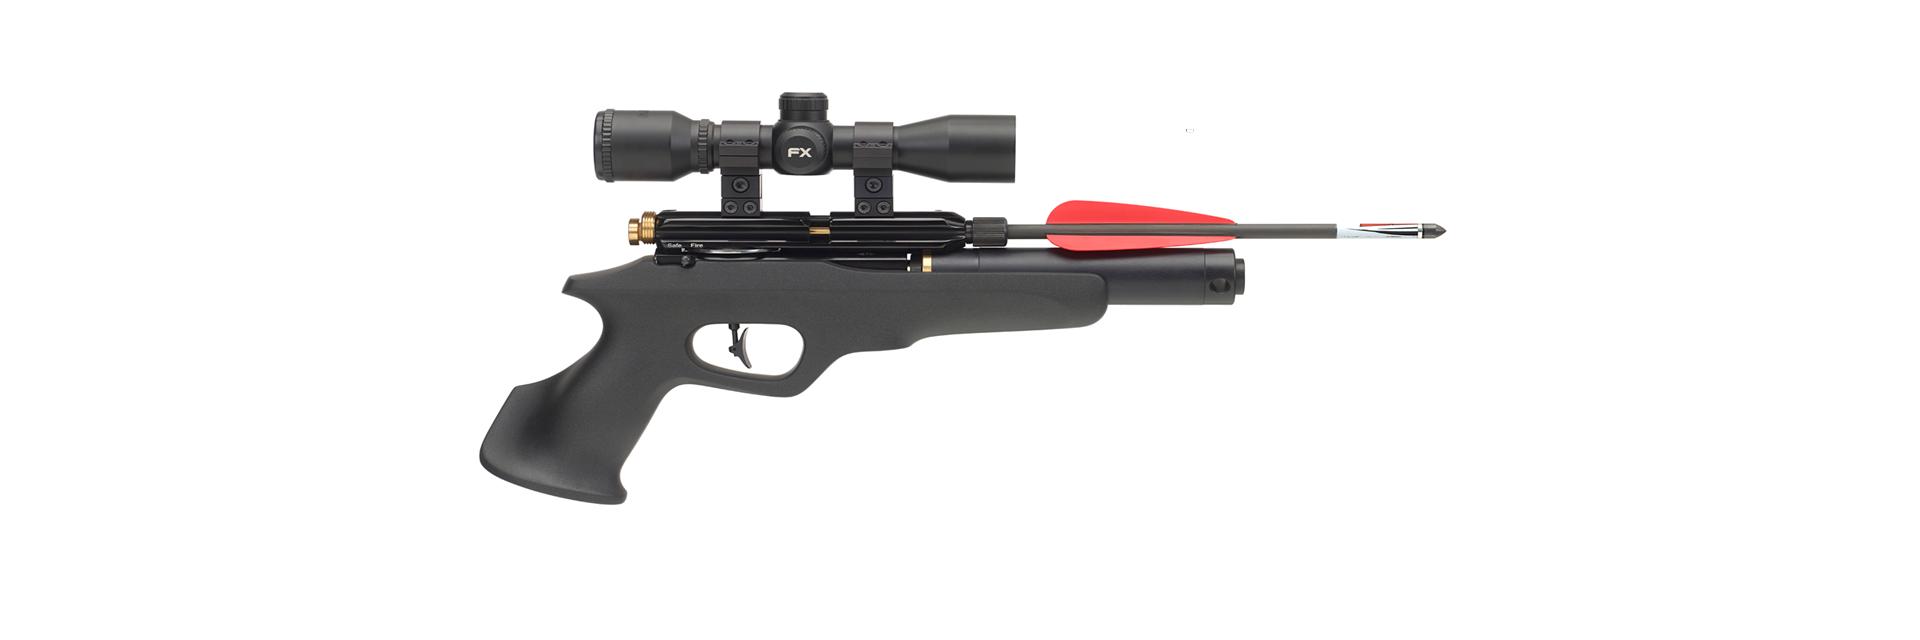 Rifles - FX Airguns